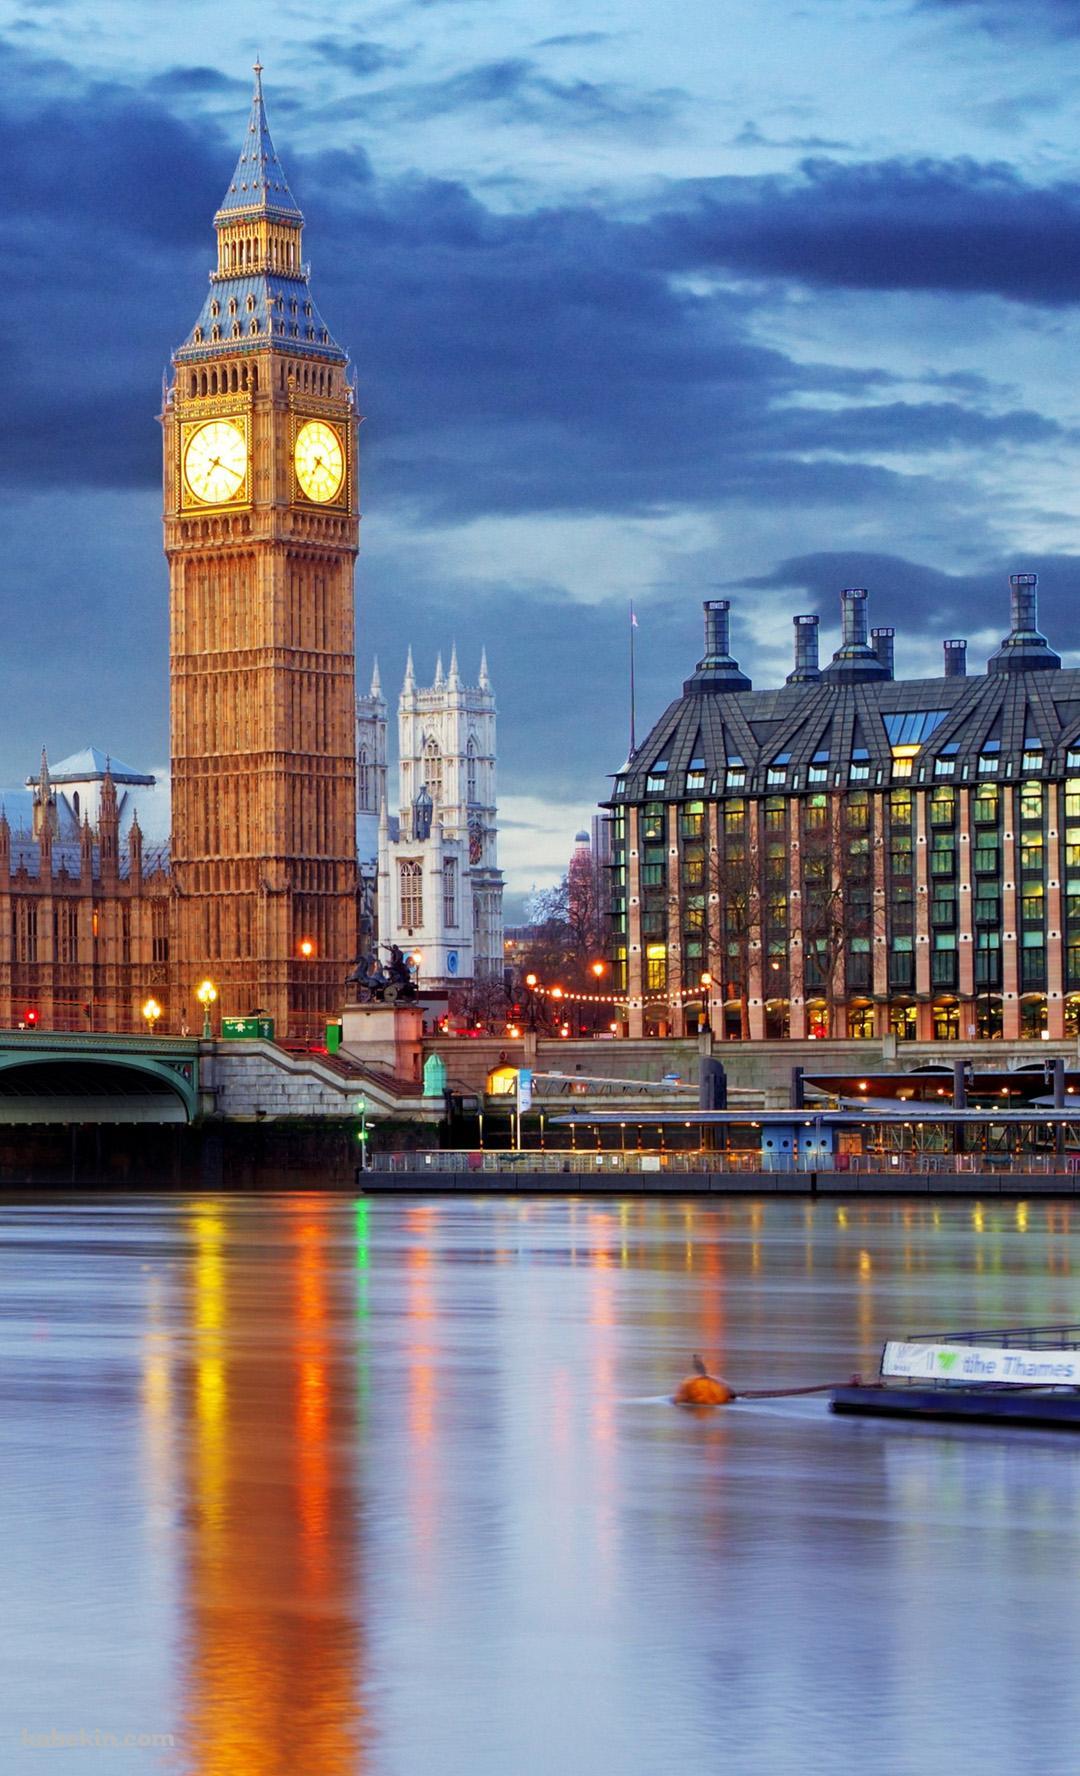 ロンドン イギリス ビッグベンのandroid壁紙 1080 X 1776 壁紙